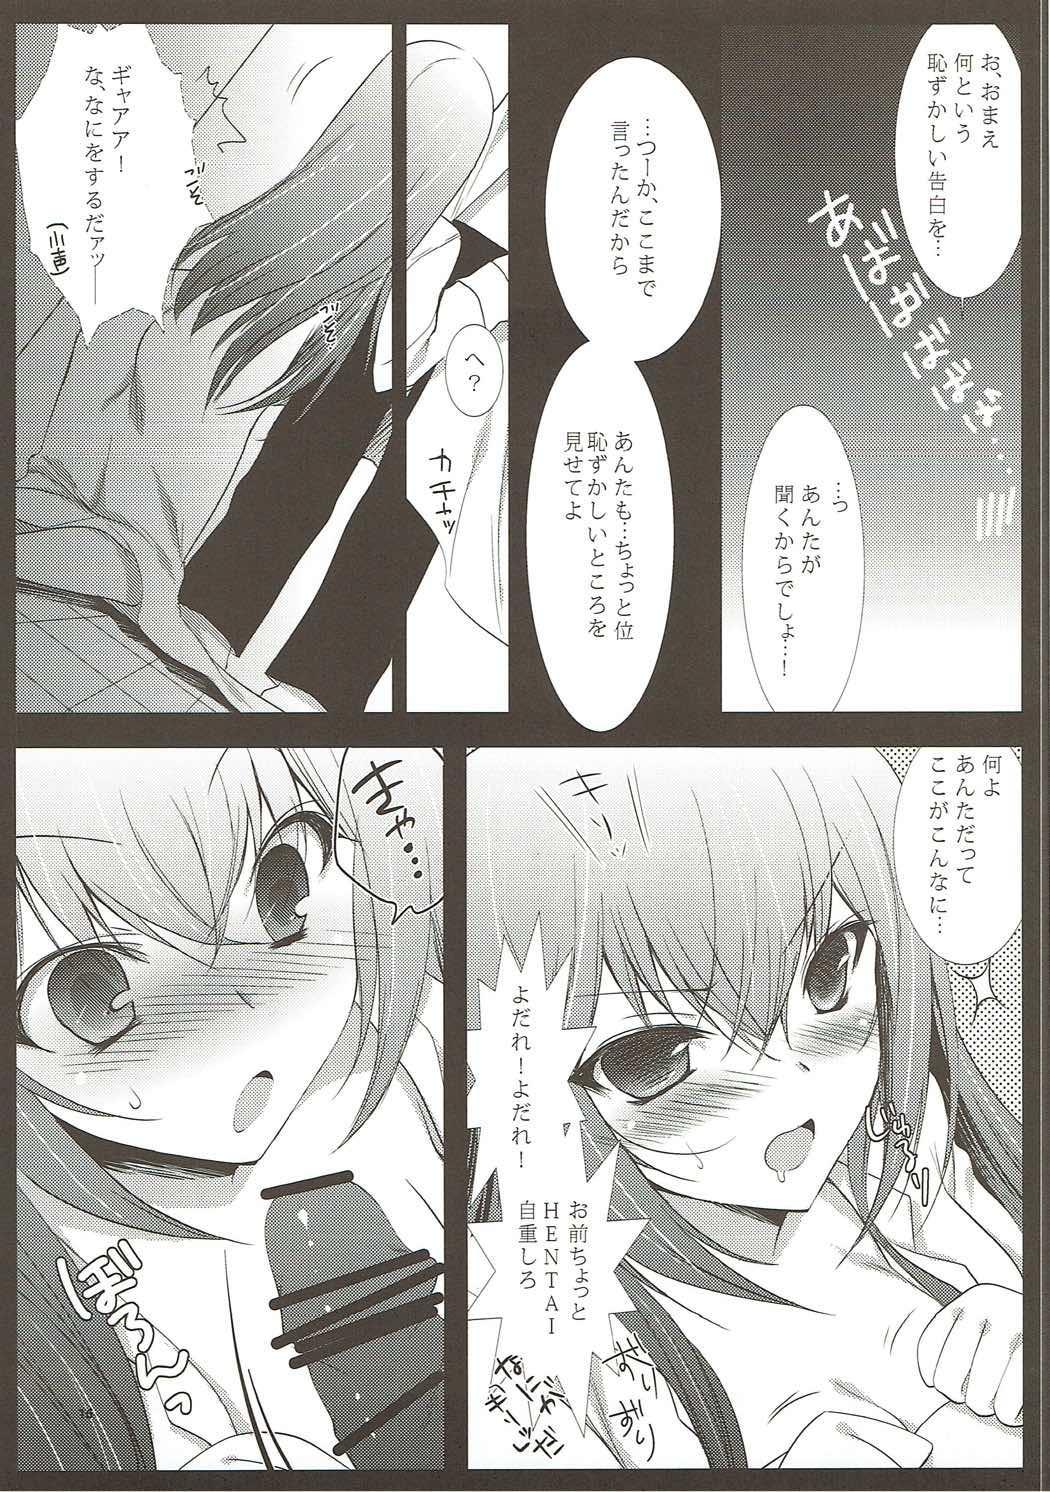 Ore no Joshu no Dere ga Uchouten de Todomaru Koto o Shiranai 14